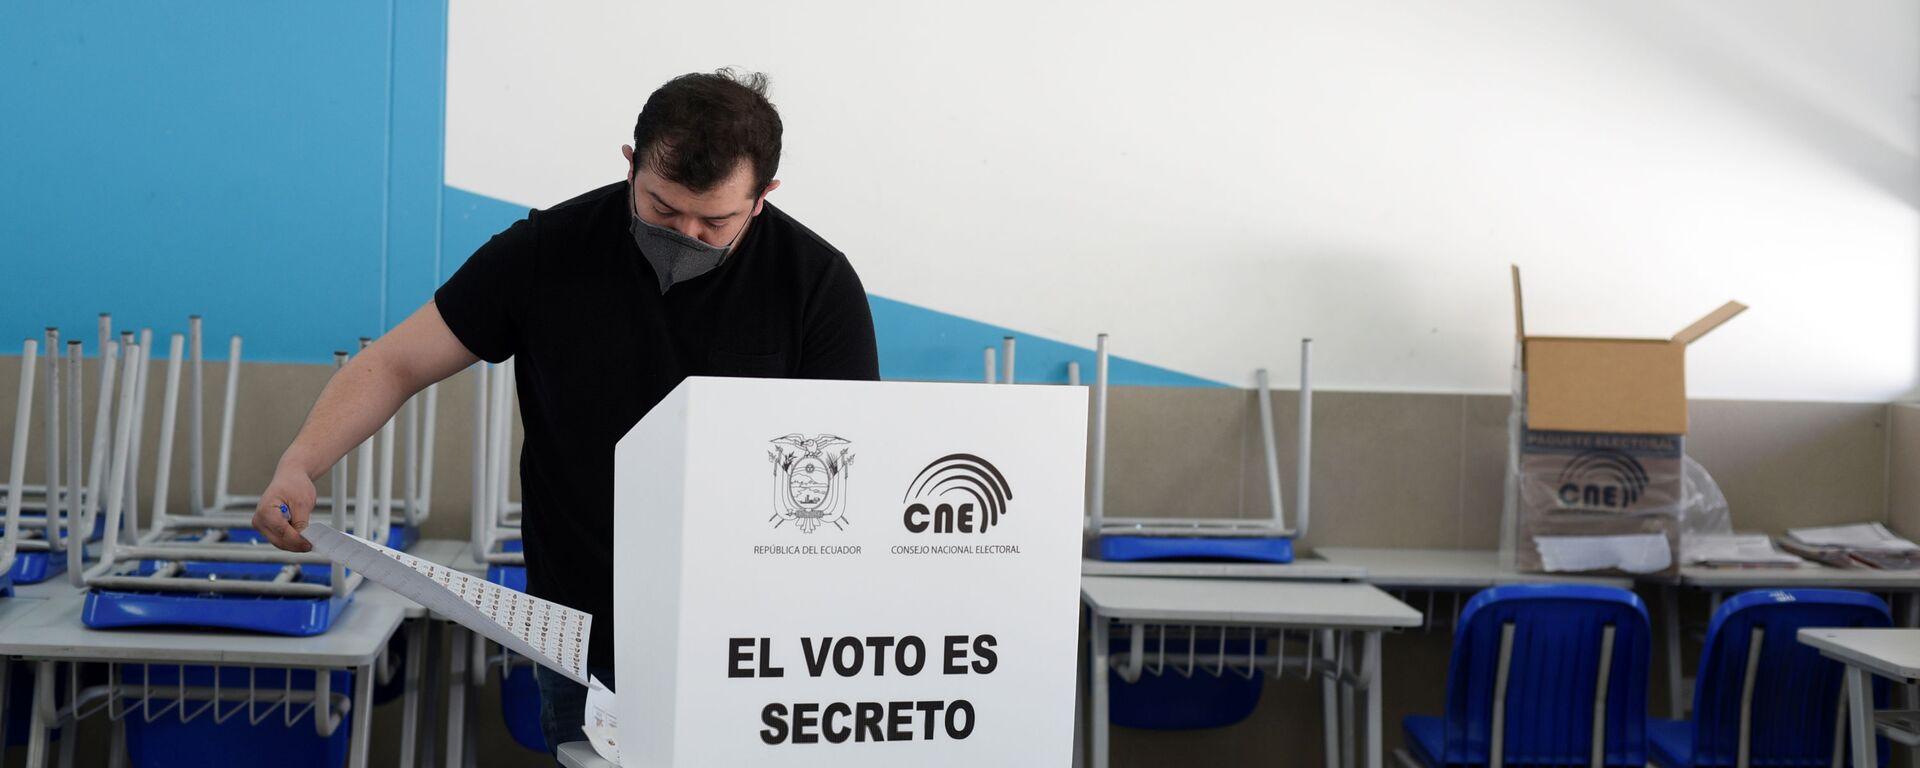 Elecciones presidenciales en Ecuador - Sputnik Mundo, 1920, 08.02.2021